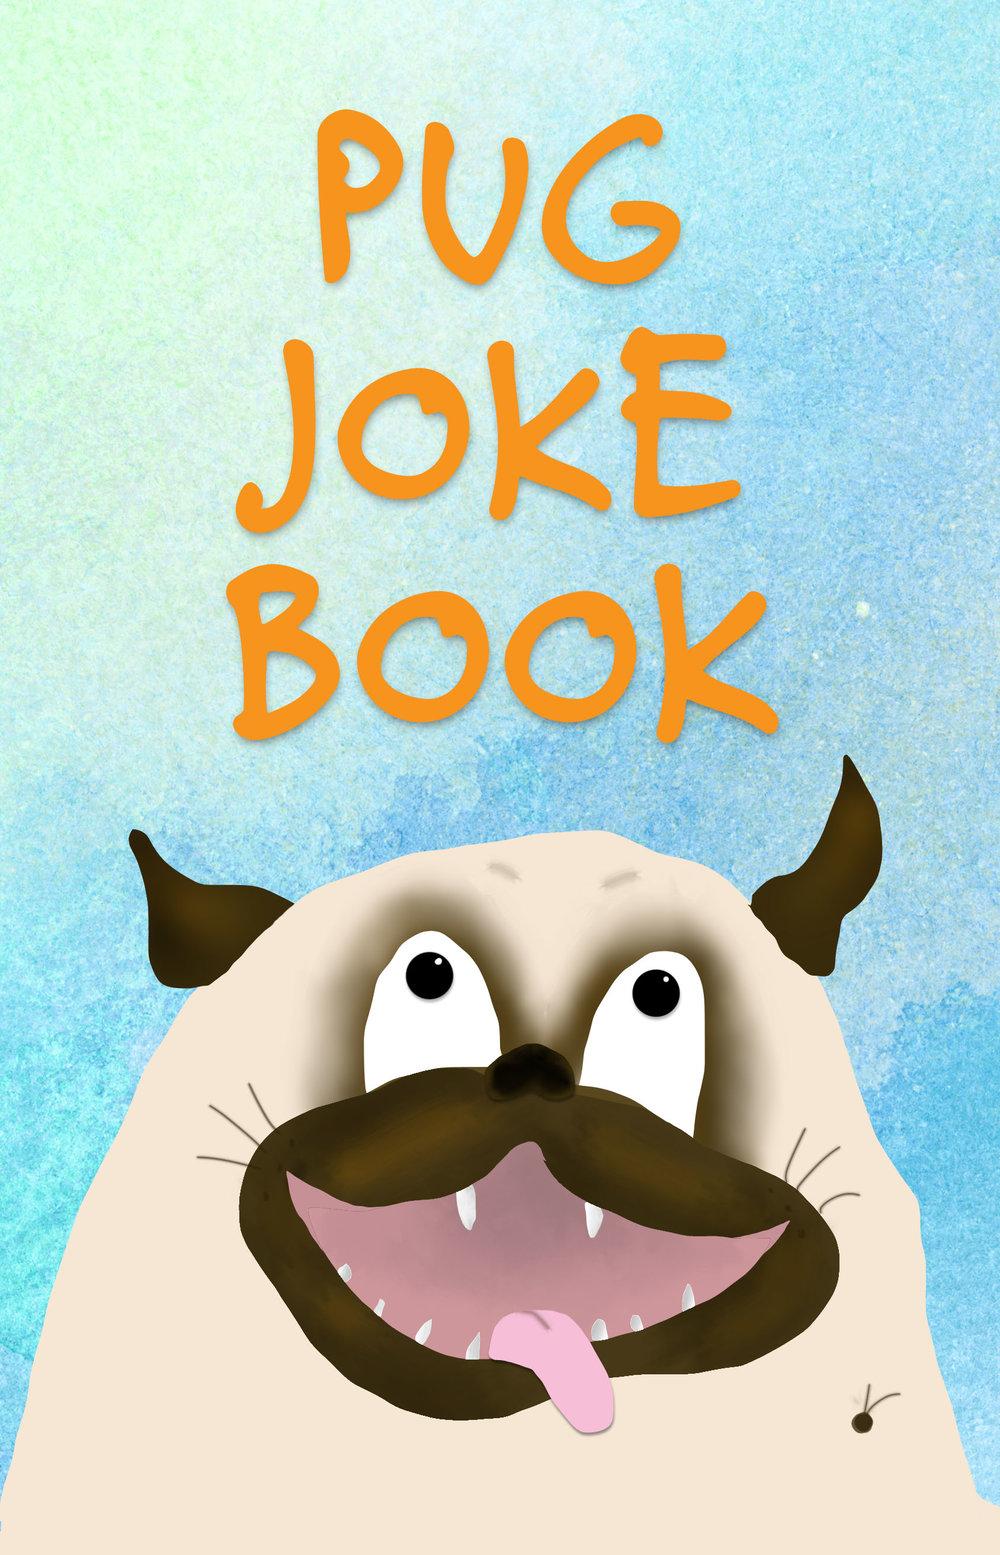 pug-joke-book